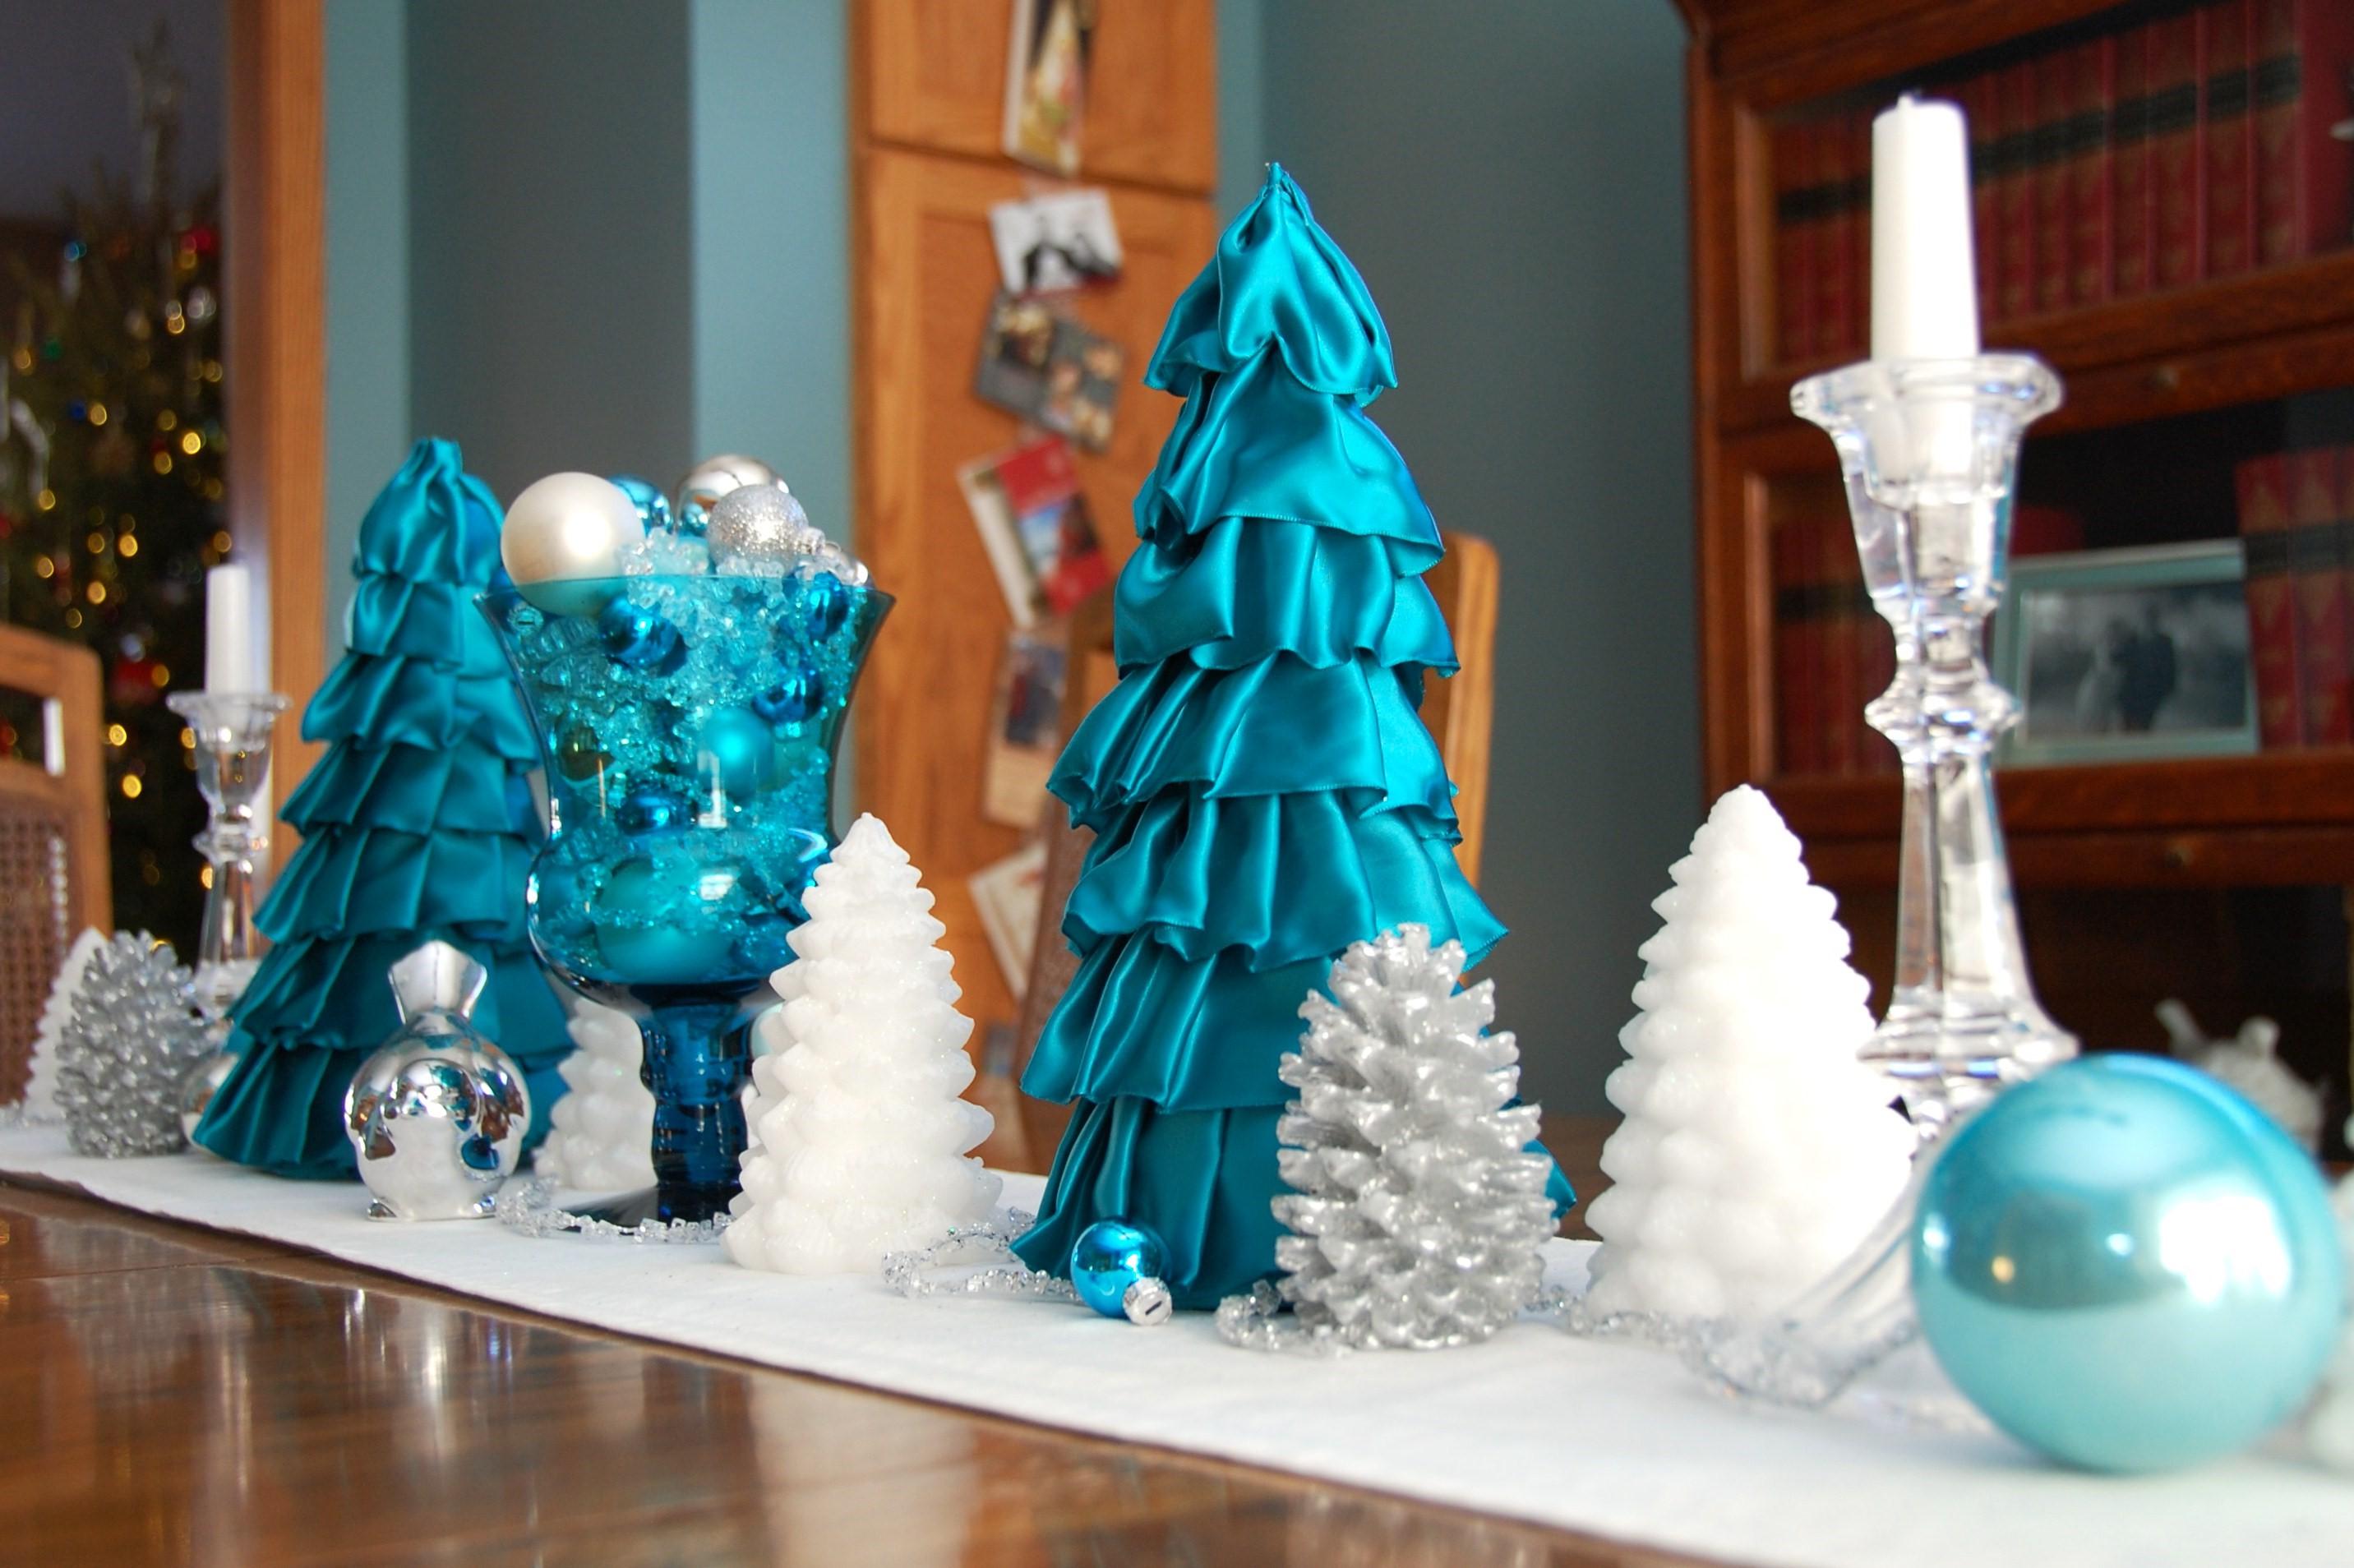 Assurez-vous que la décoration du sapin de Noël en blanc et bleu est en harmonie avec le reste de la pièce.